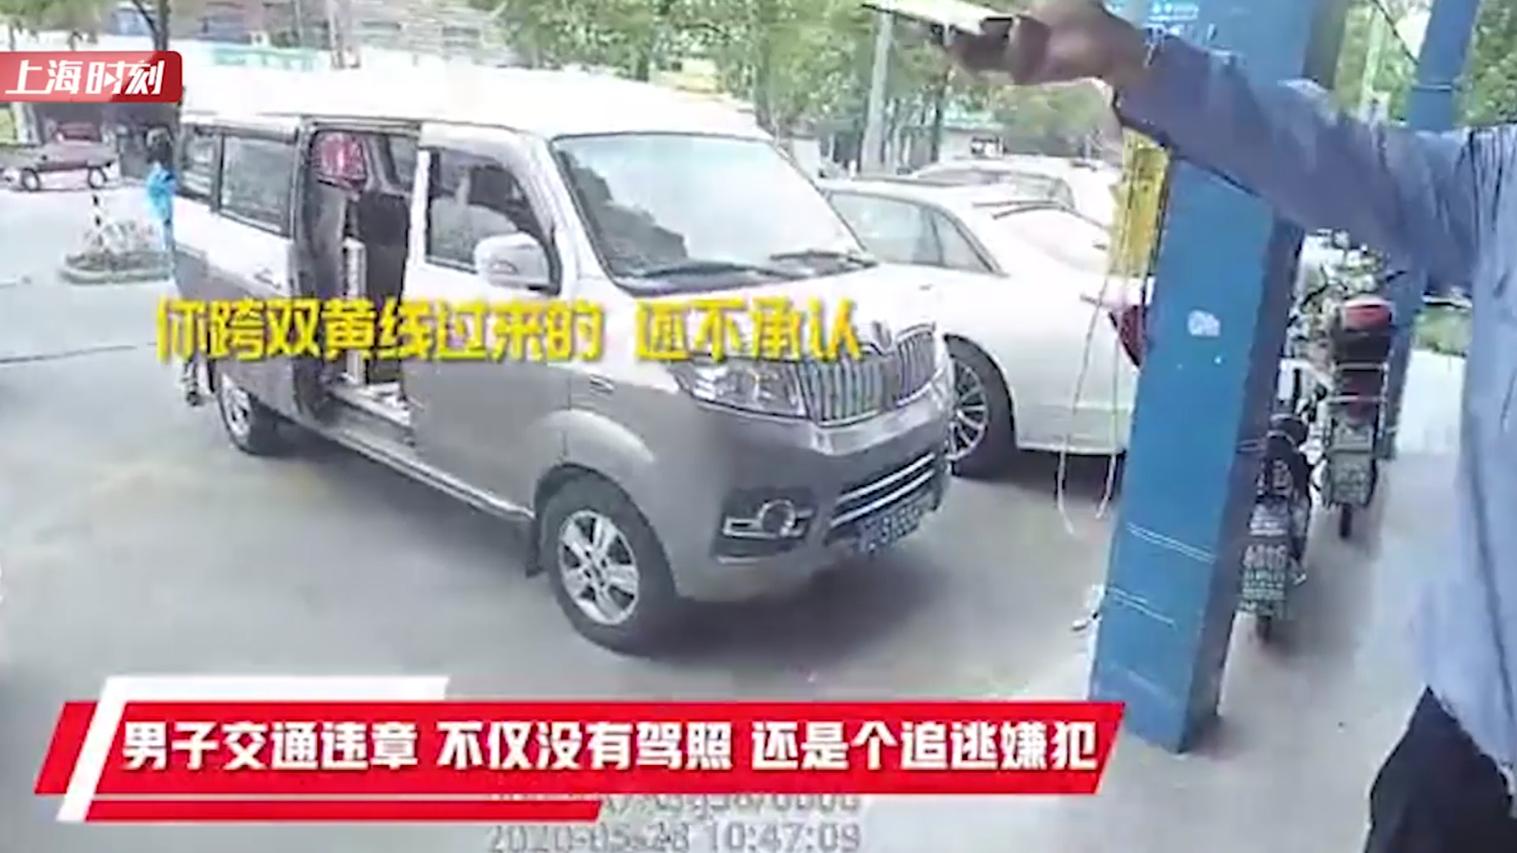 视频 | 男子交通违法百般抵赖 民警一查竟是逃犯